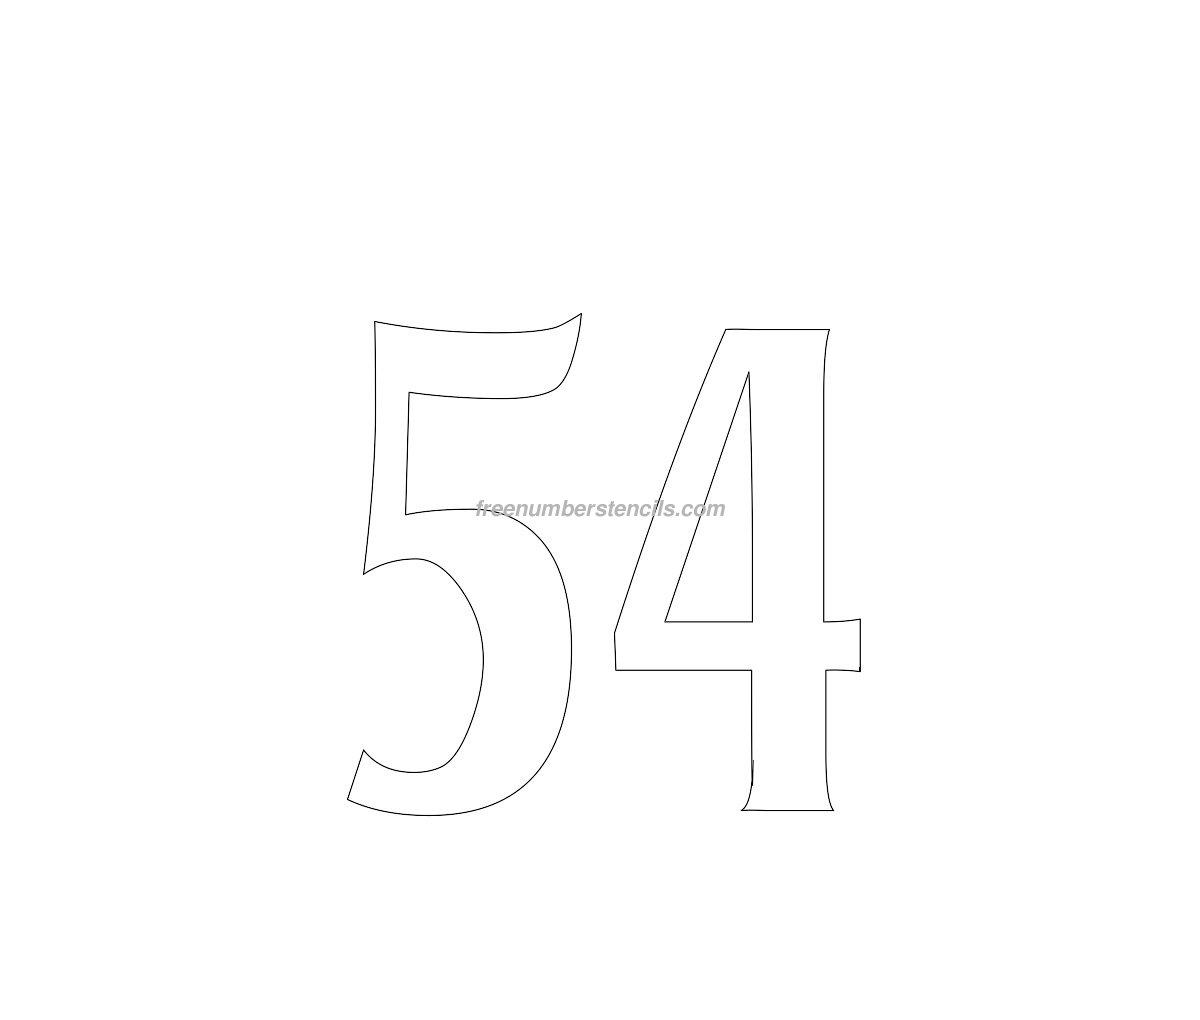 98 chinese numerology image 3